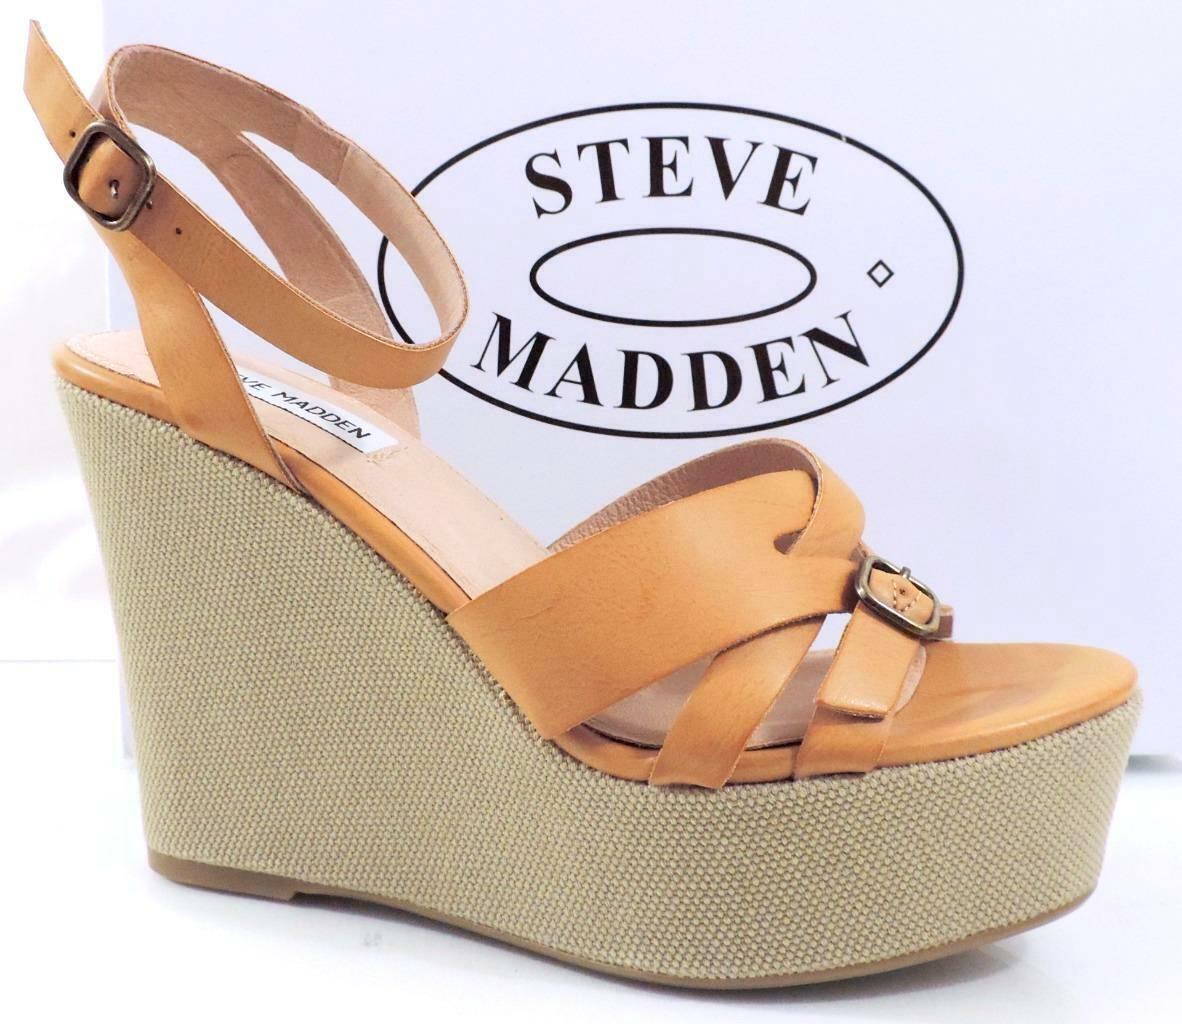 negozio online donna Steve Madden Twitzer Ankle Strap Platform Wedge Wedge Wedge Sandals Cognac Dimensione 9  fornire un prodotto di qualità